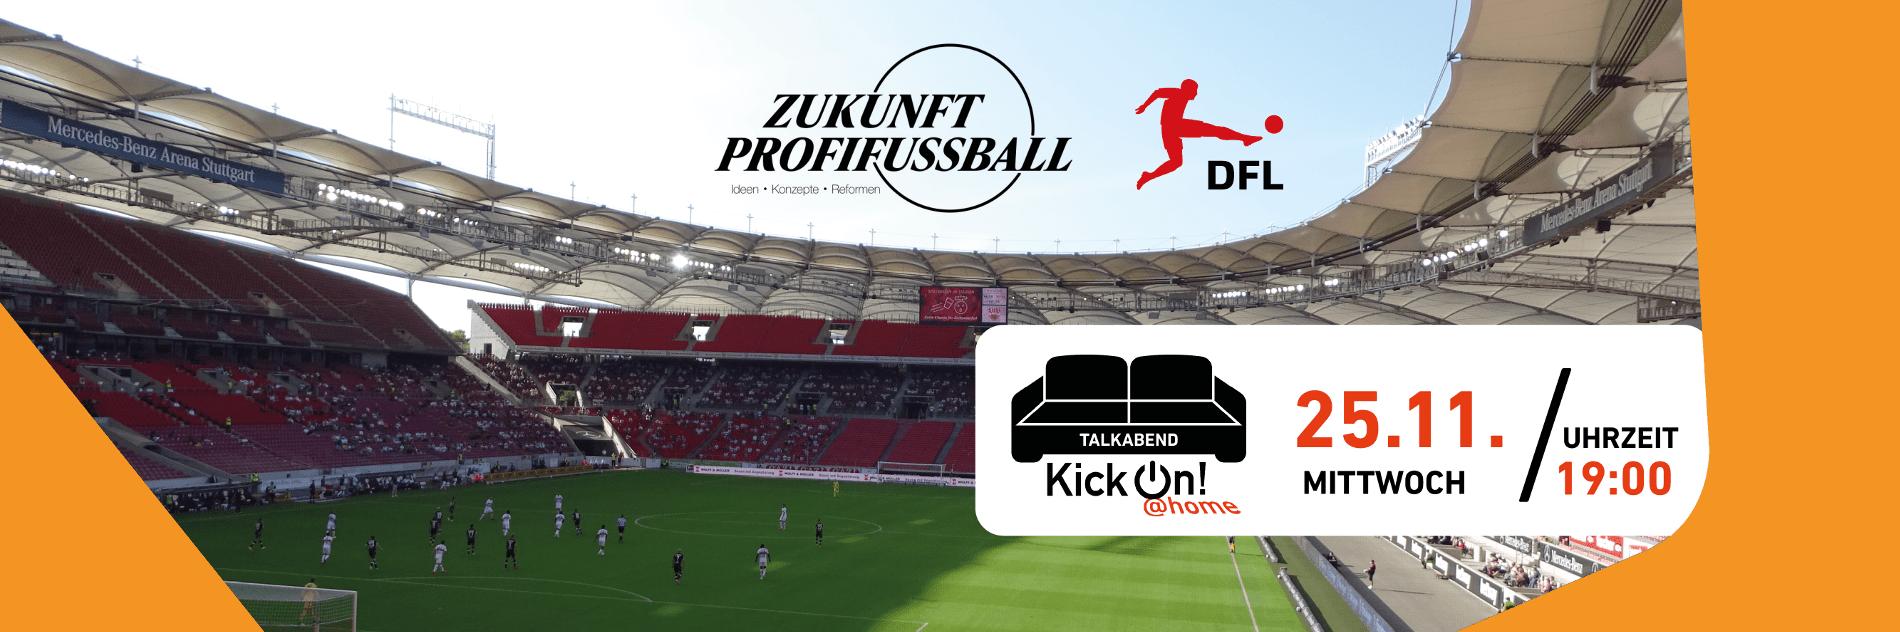 Stadion mit wegen der Corona-Pandemie nur teilweise gefüllten Rängen vor den Logos von Zukunft Profifußball und der DFL.